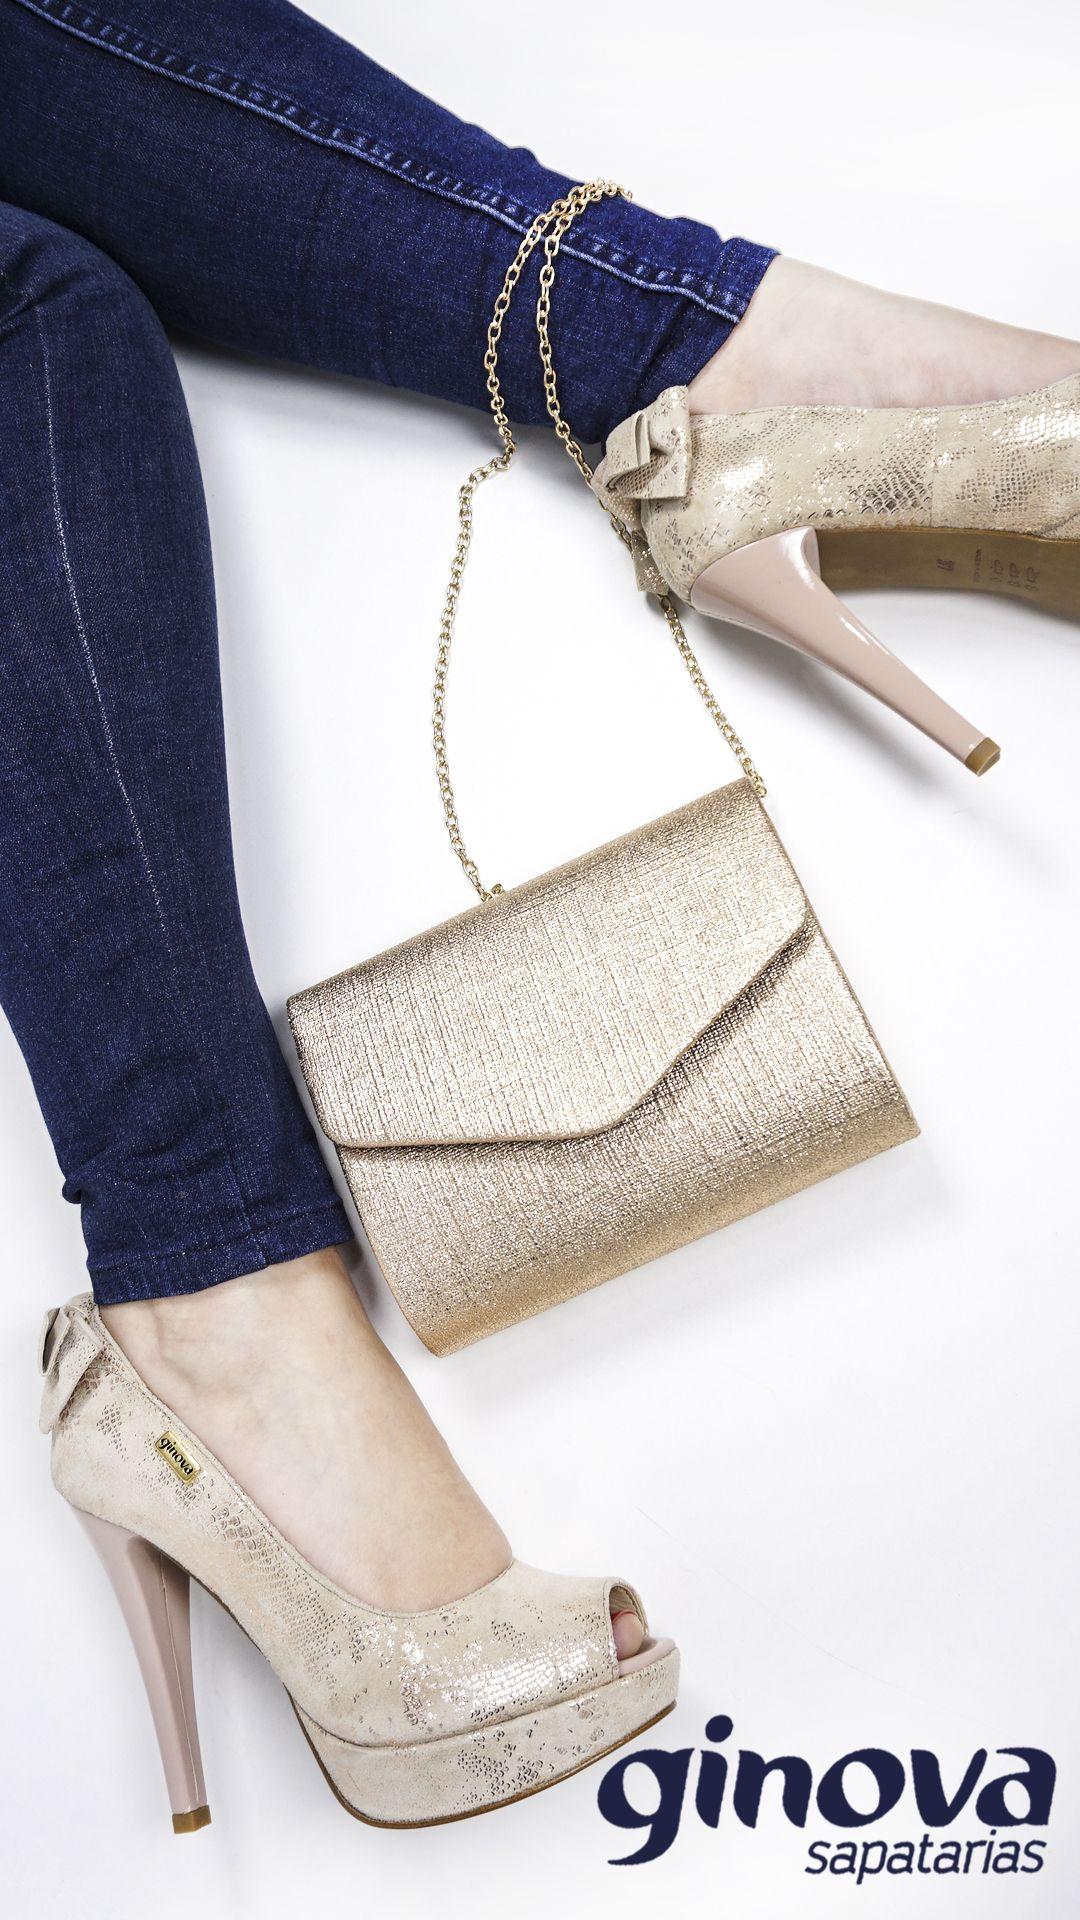 f300f0c15 Sapato de senhora Tacão. #shoes #sapatos #cerimónia #calçado #portugal  #fabricadoemportugal #portugueseshoes #malas